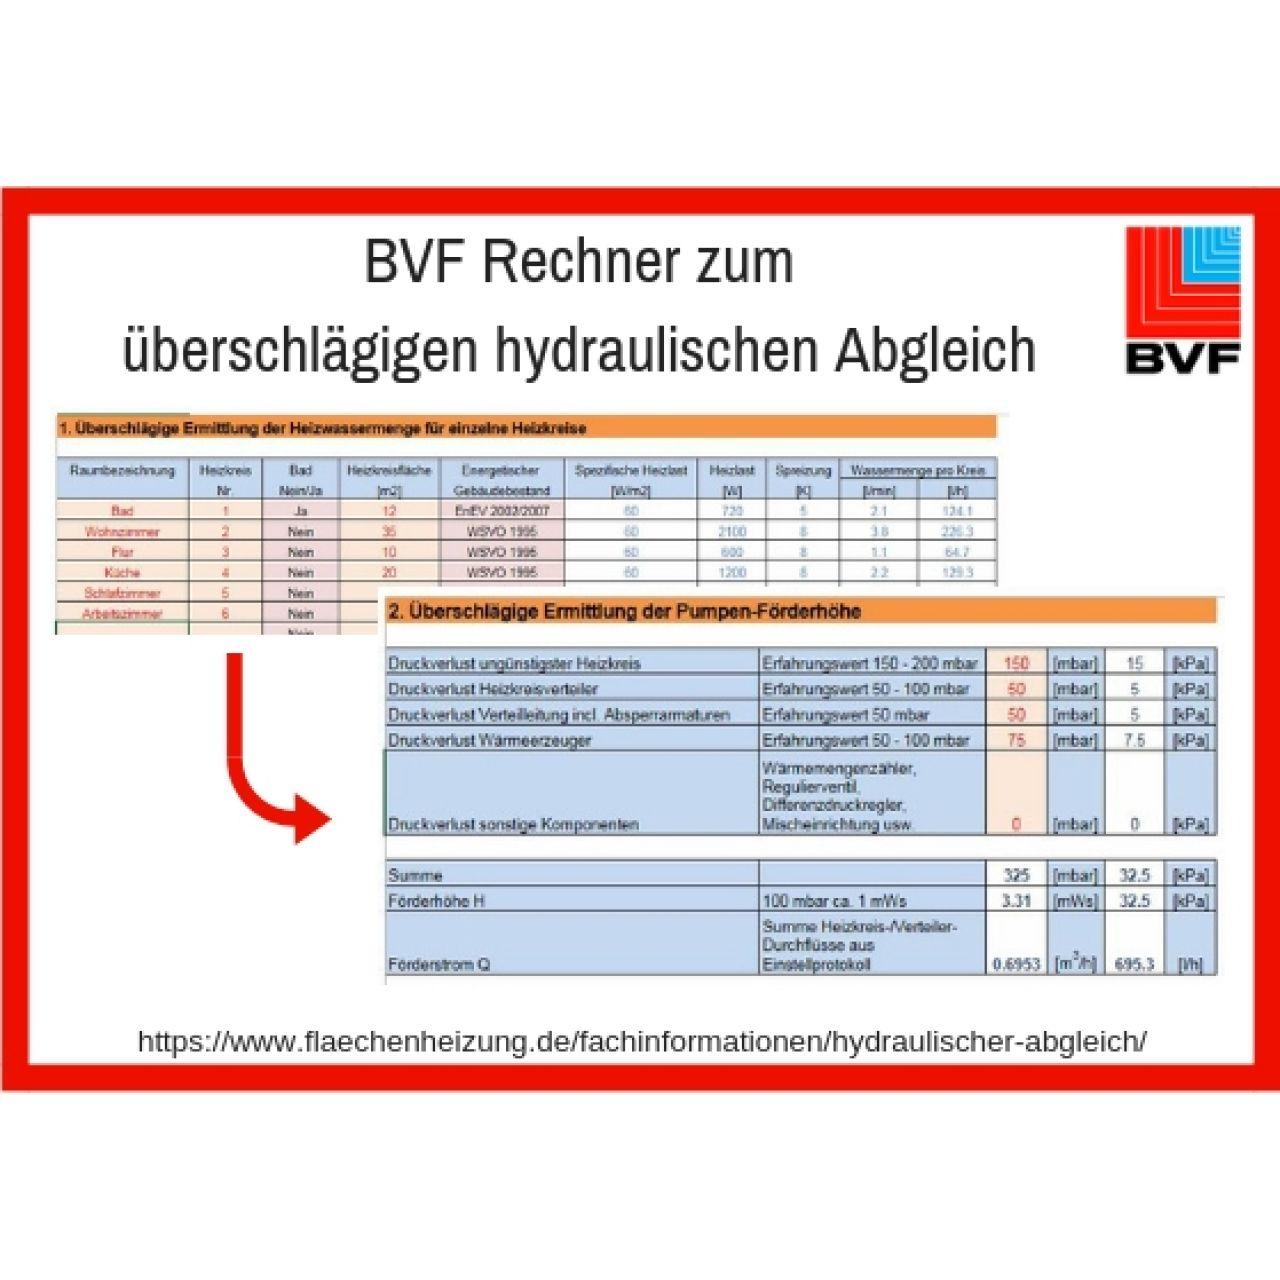 BVF-Rechner für hydraulischen Abgleich